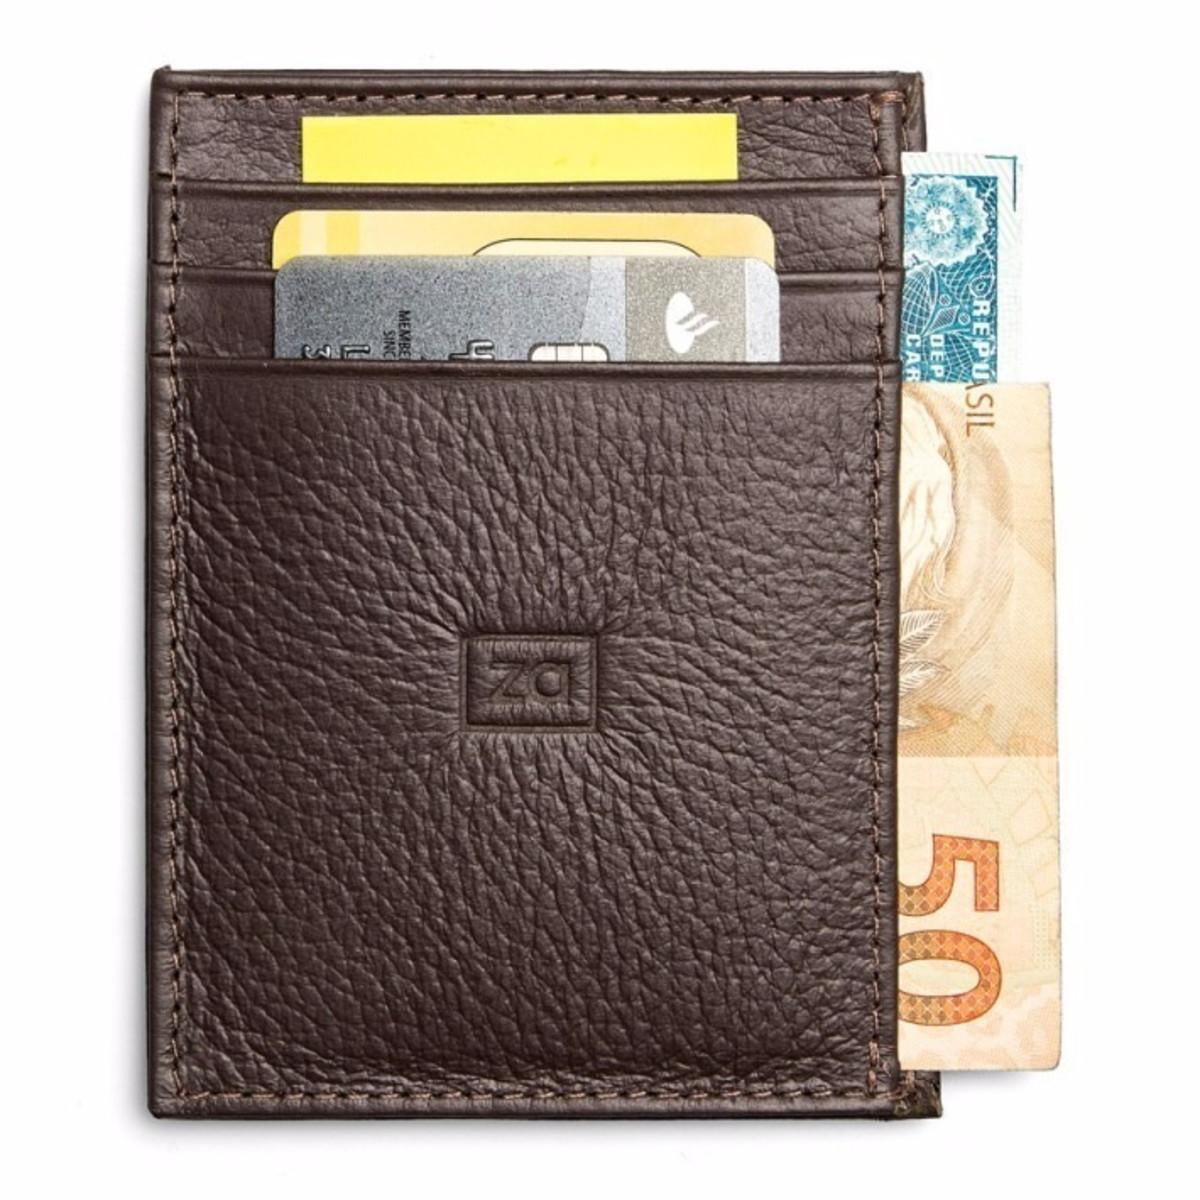 38e99eab23ded Porta Cartões Carteira Masculina Couro Slim Pequena Zalupe no Elo7 ...